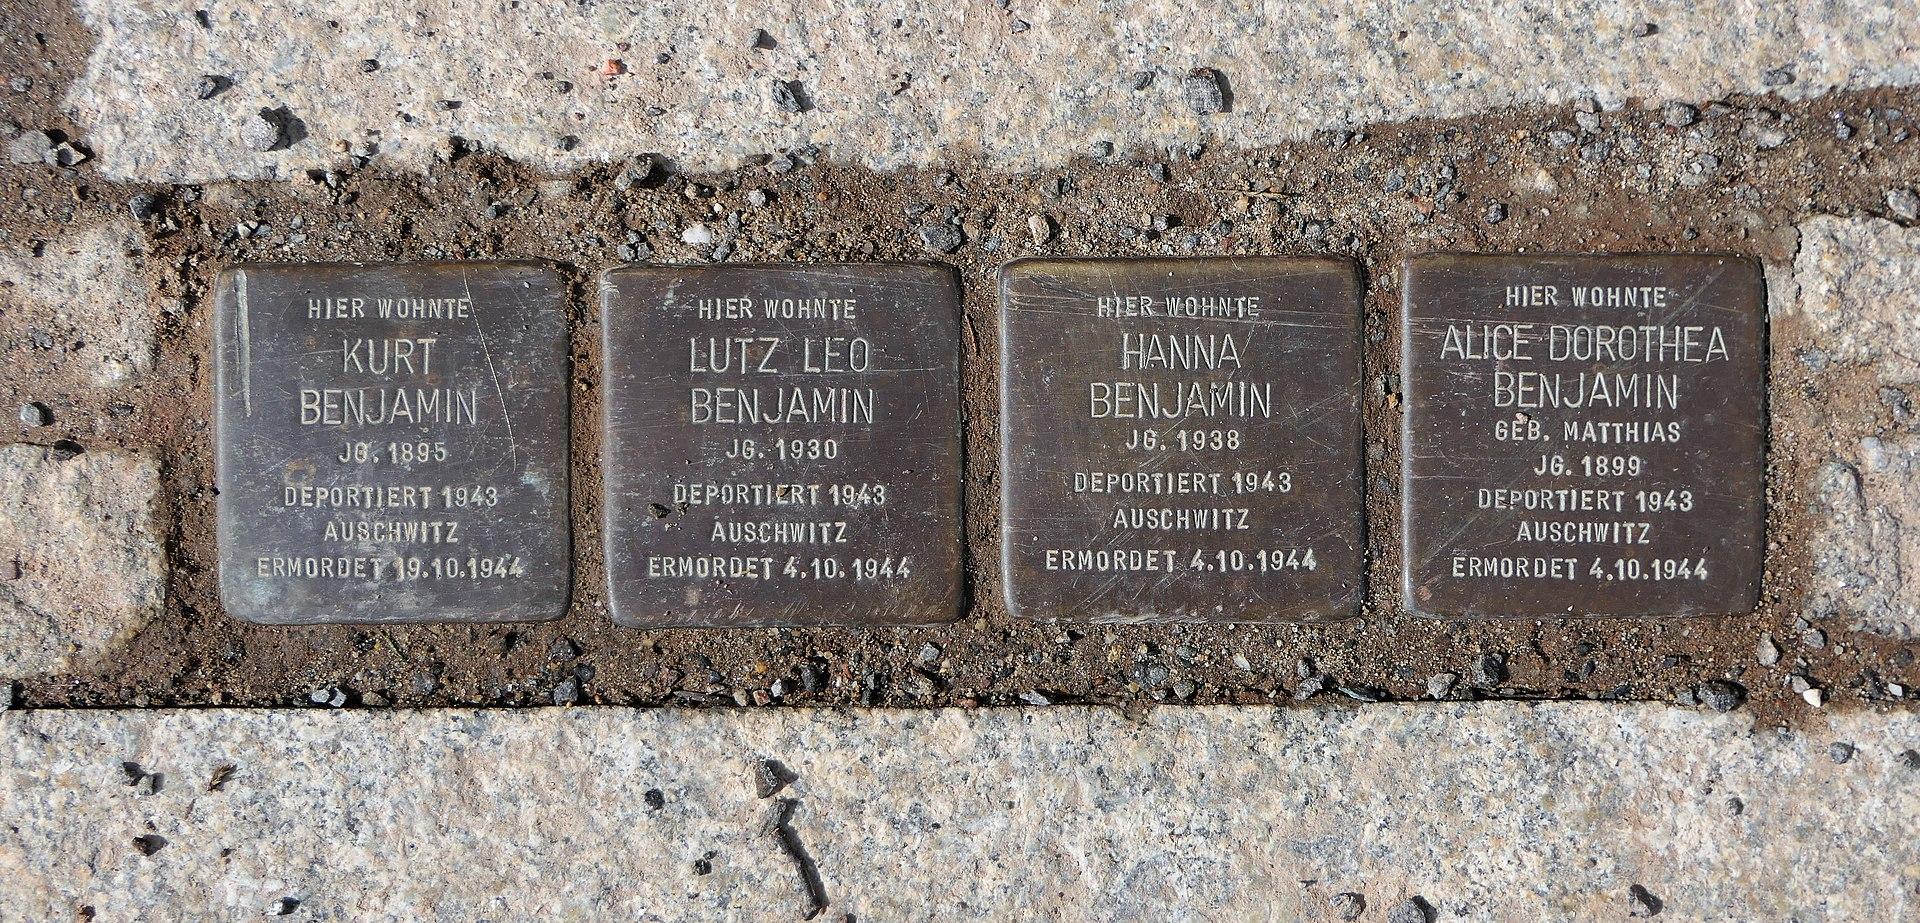 Stolpersteine für Familie Benjamin, Hohe Strasse 9, Chemnitz.JPG